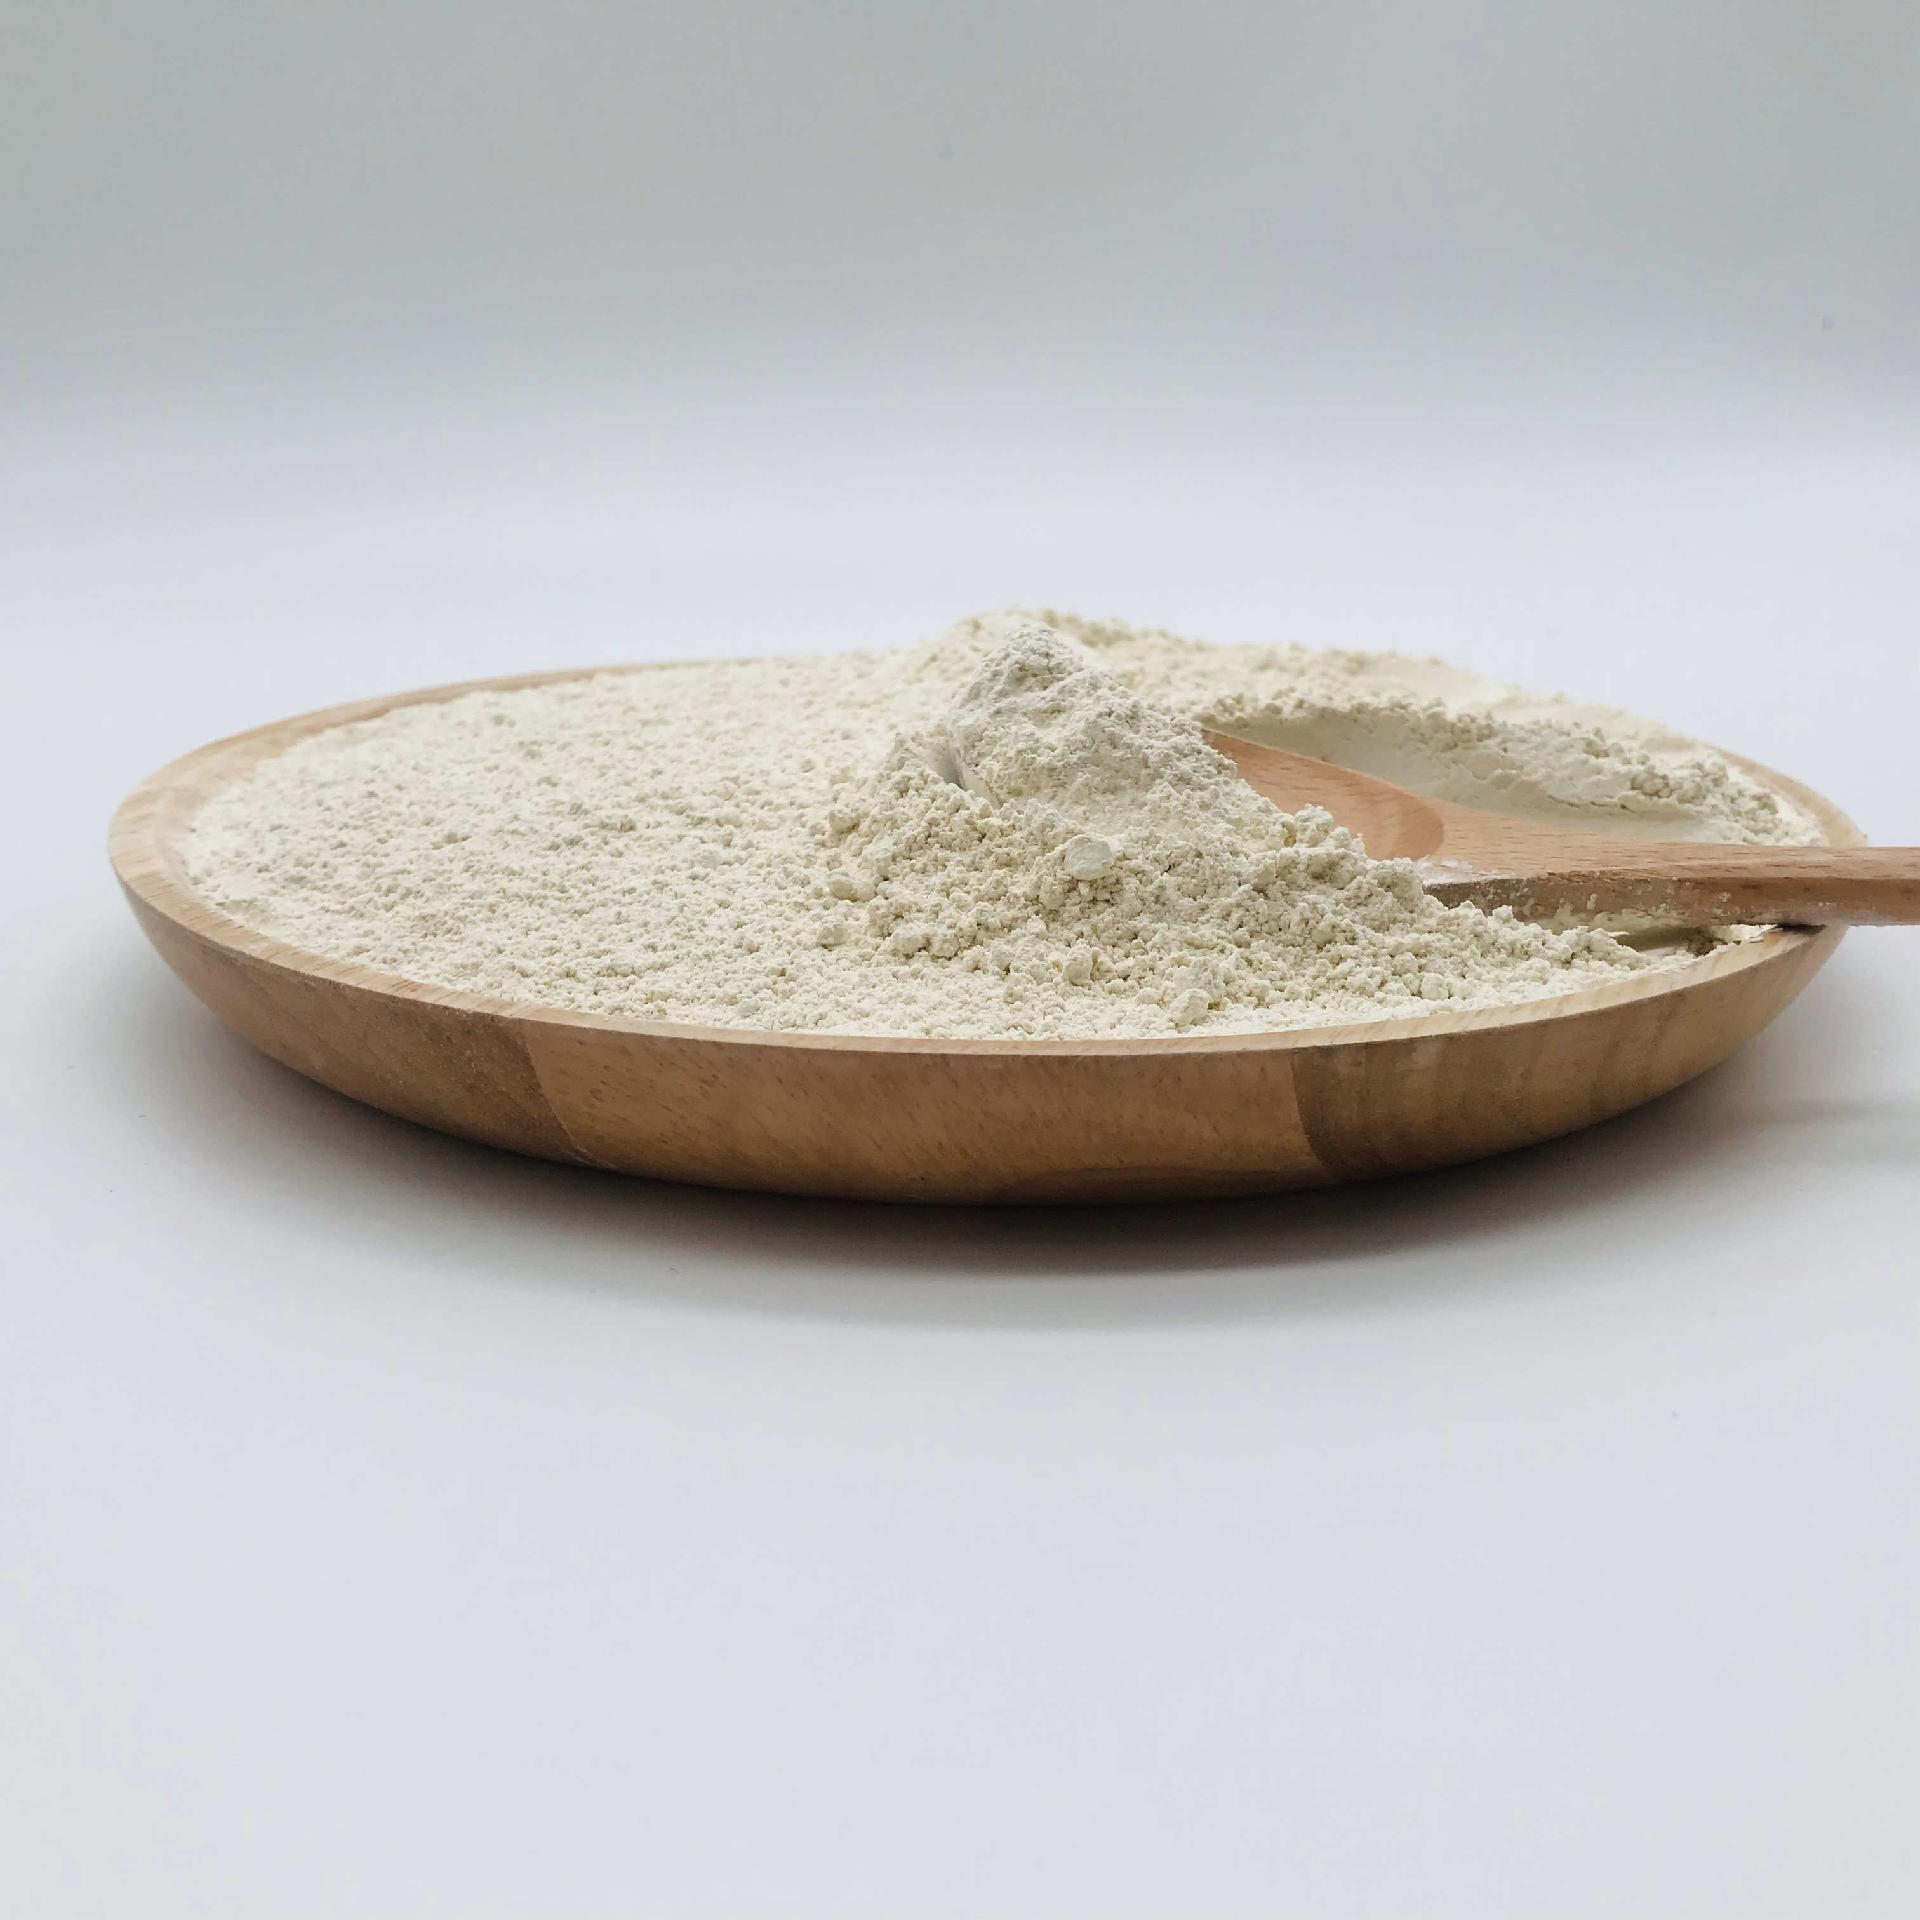 大米蛋白大米提取物工厂现货